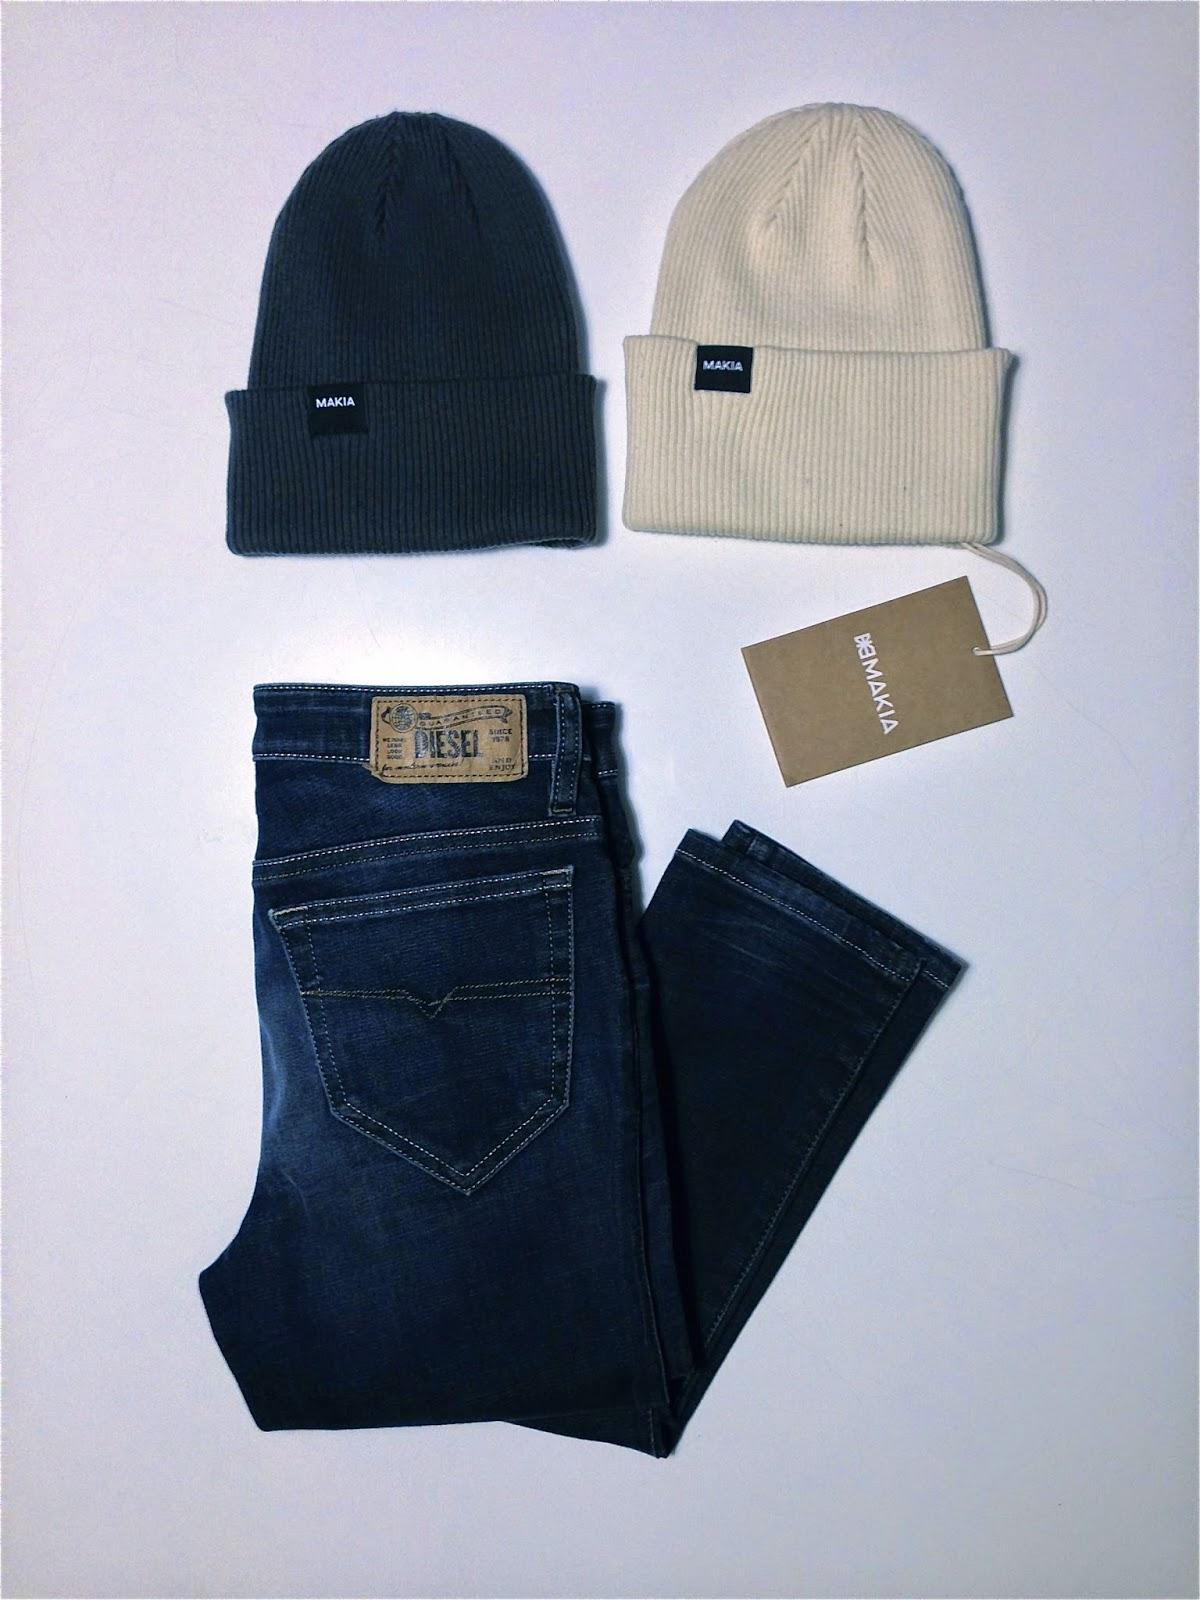 Makia, Diesel Jeans